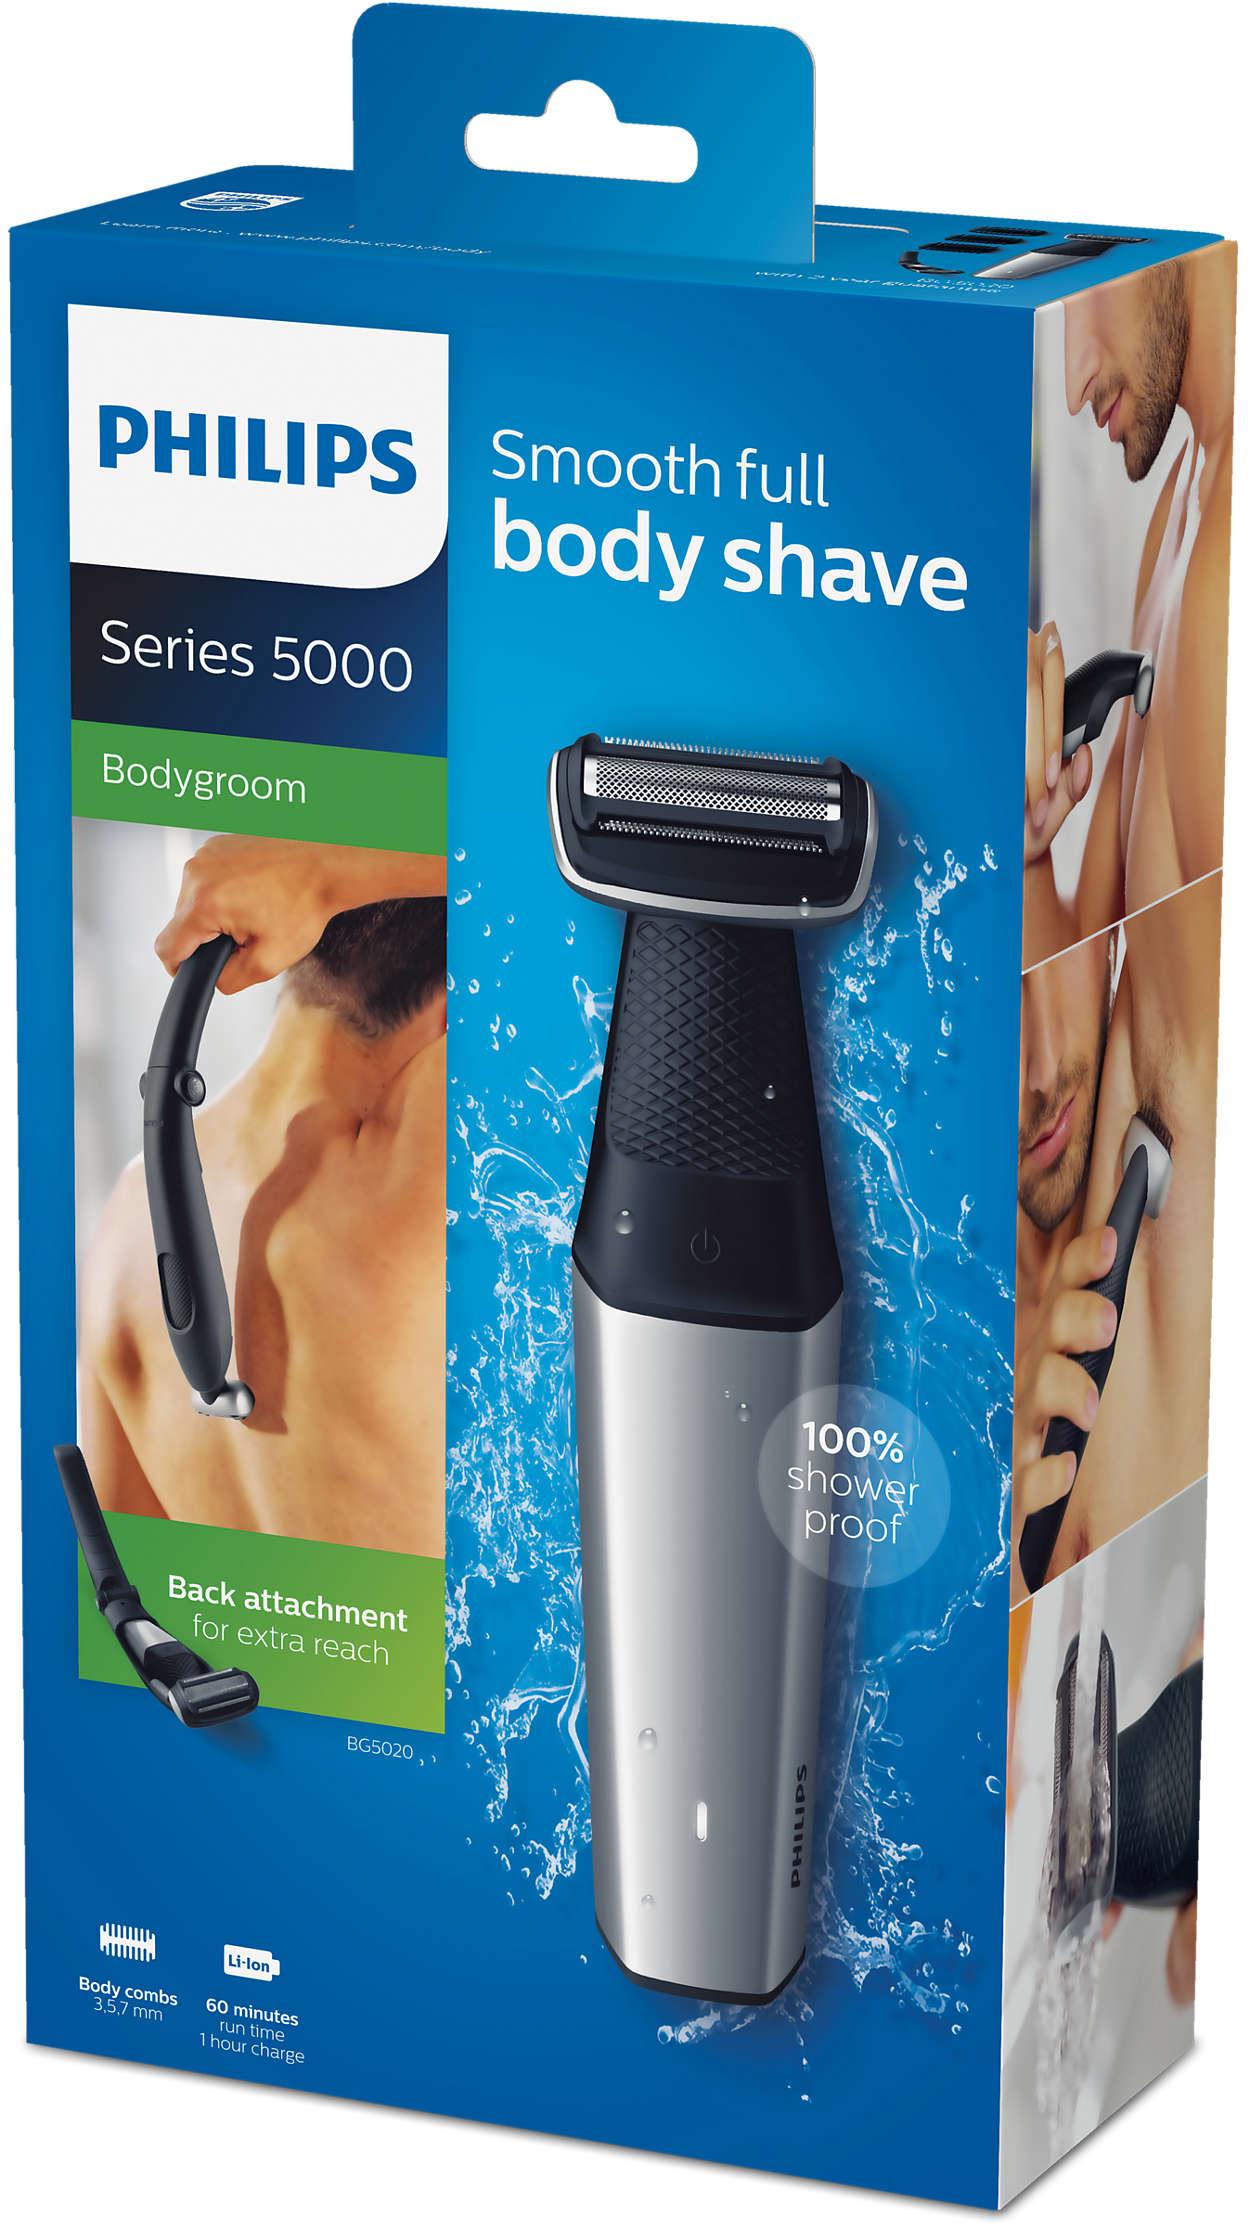 Bodygroom series 5000 Zuhanyzásbiztos testszőrtelenítő BG5020 15 ... 524b7e8ccc